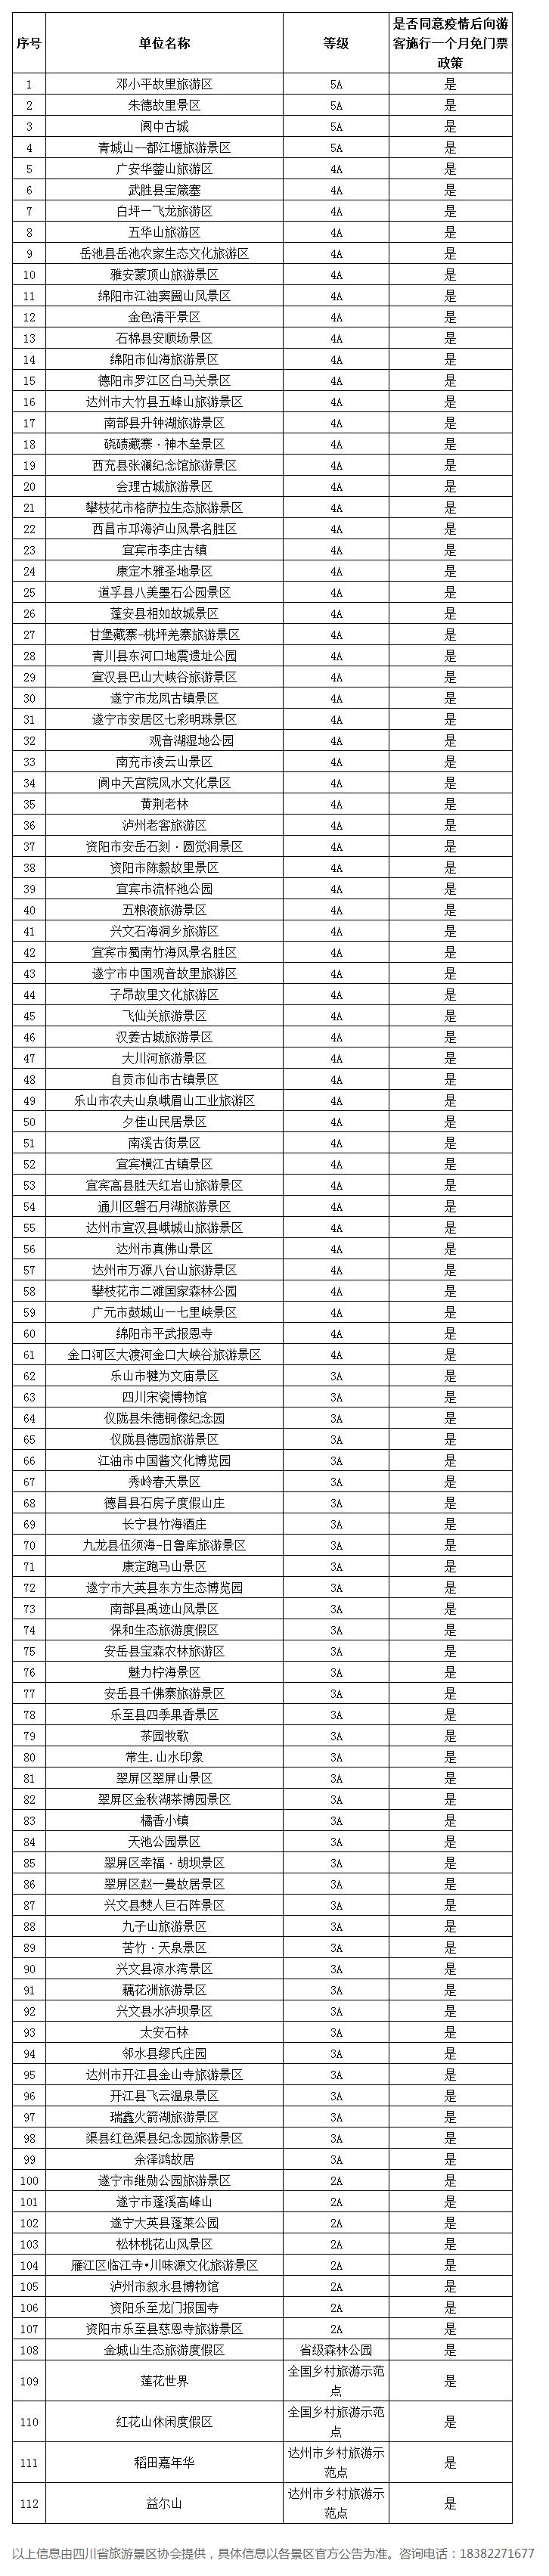 四川112家景区4月免门票 景区名单来了,这112家具体都是哪些景区?